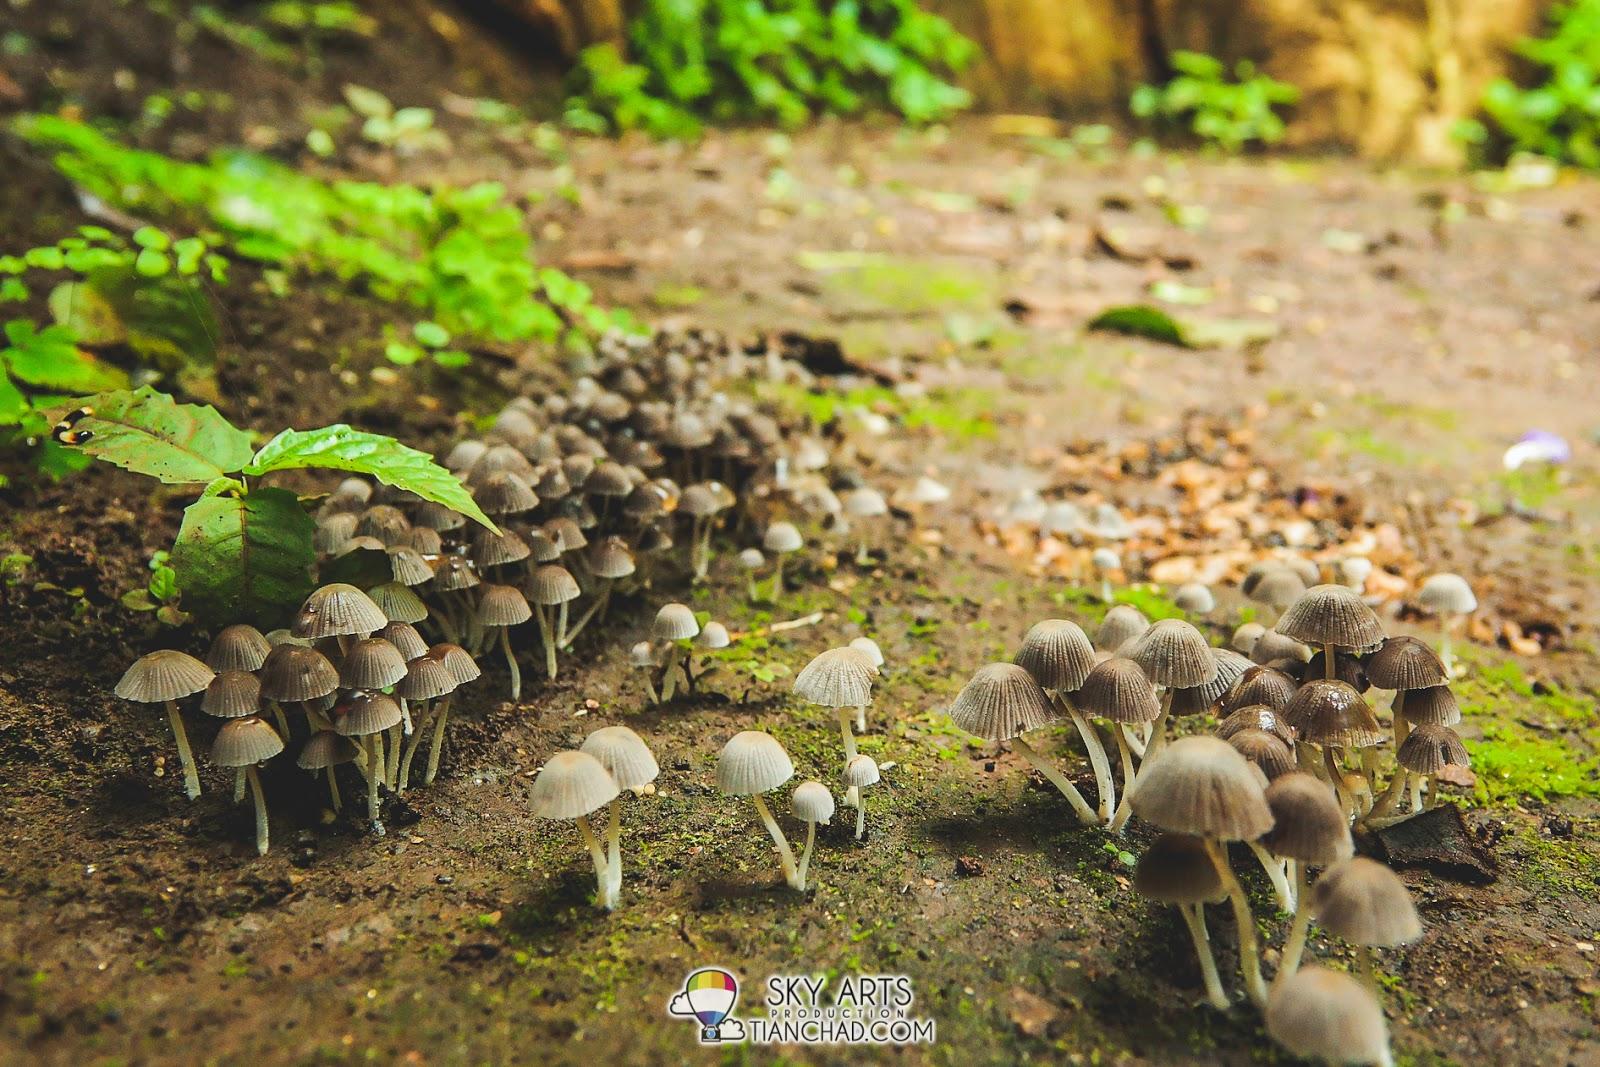 Cute mushrooms blooming after rain @ Qing Xin Ling